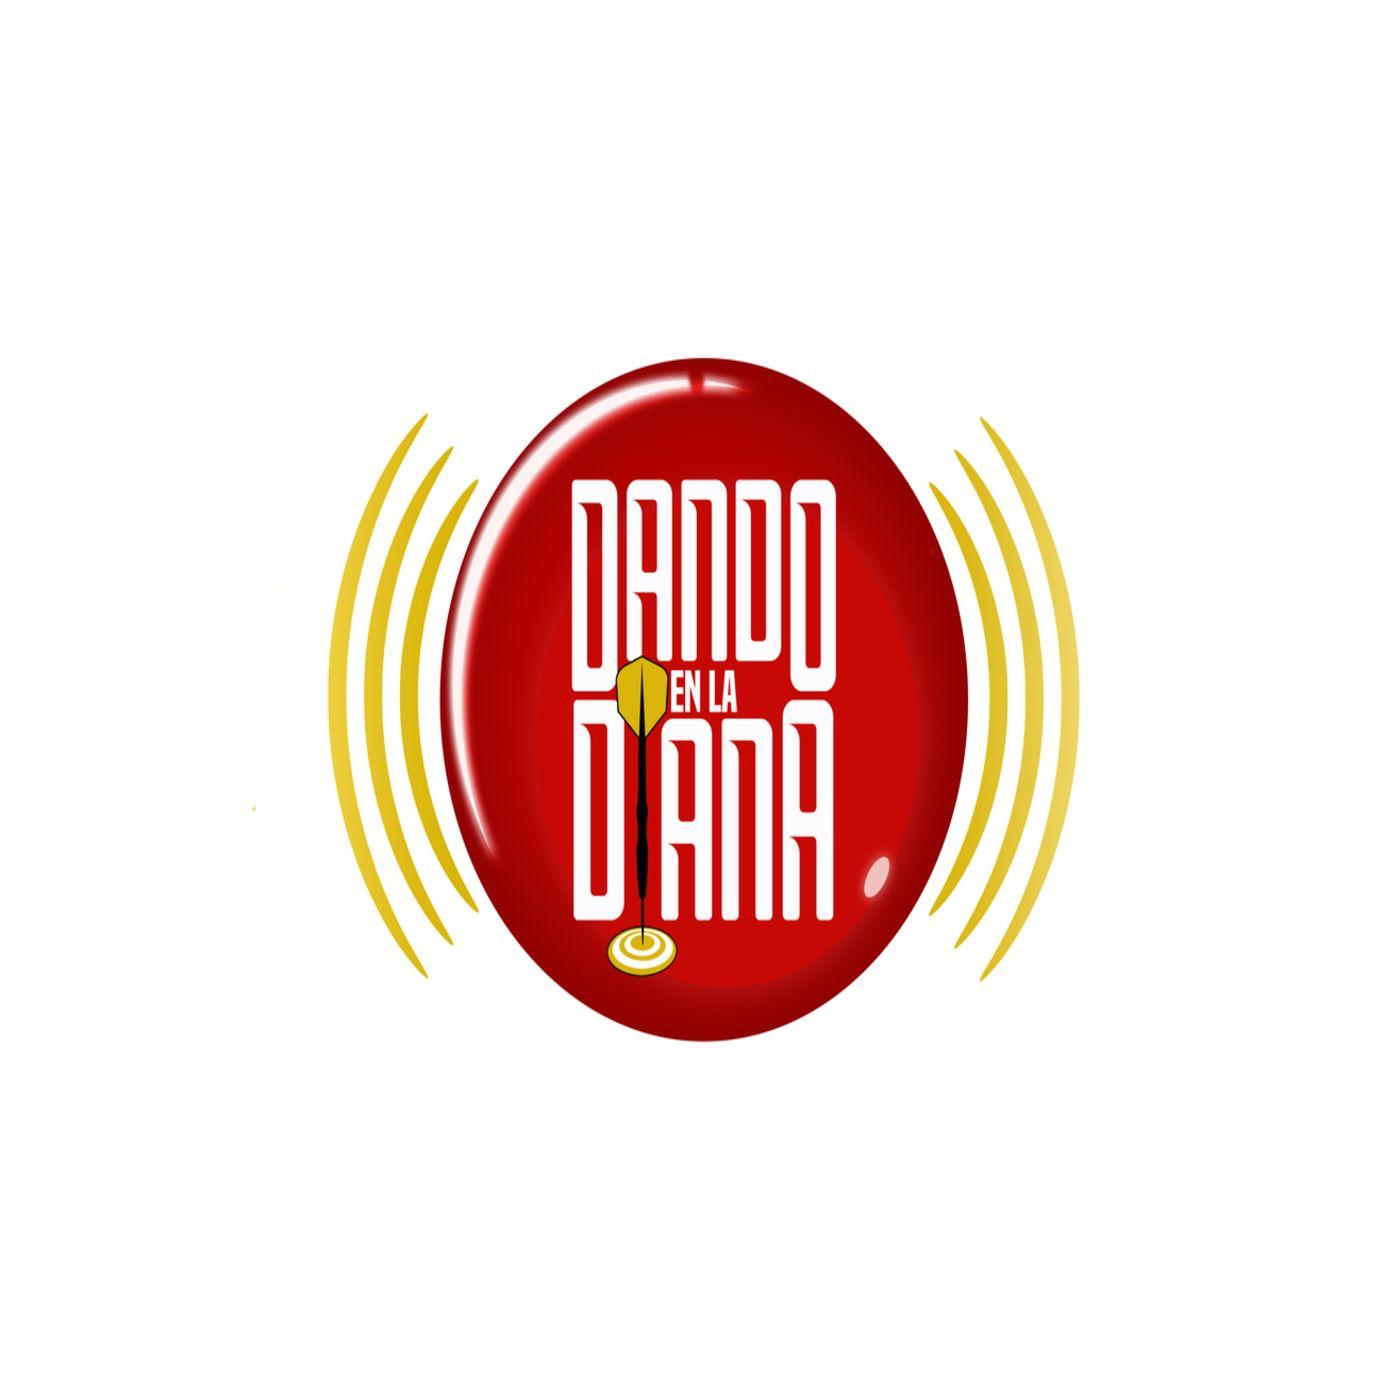 Dando en la Diana - Episodio 71 - 7 Diciembre 2020 - José Ángel Morván